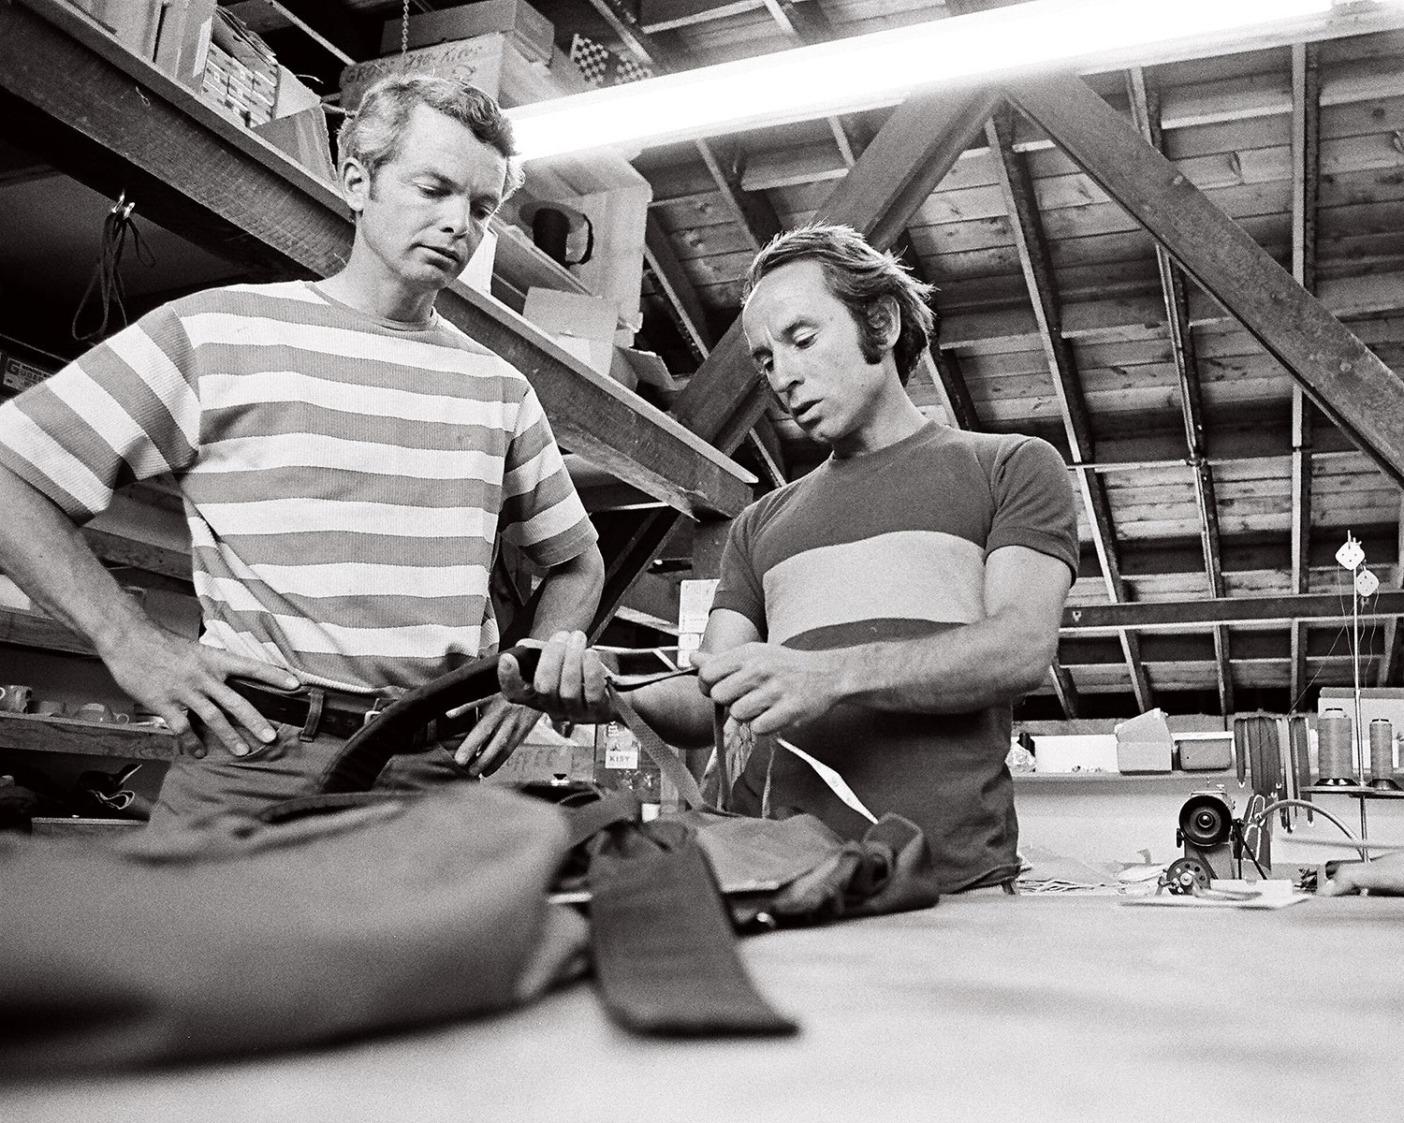 スタンフォード大学でエンジニアリングを学んだトムはイヴォン・シュイナードとともにクライミング・ギアの再考に一役買った。Photo: Gary Regester